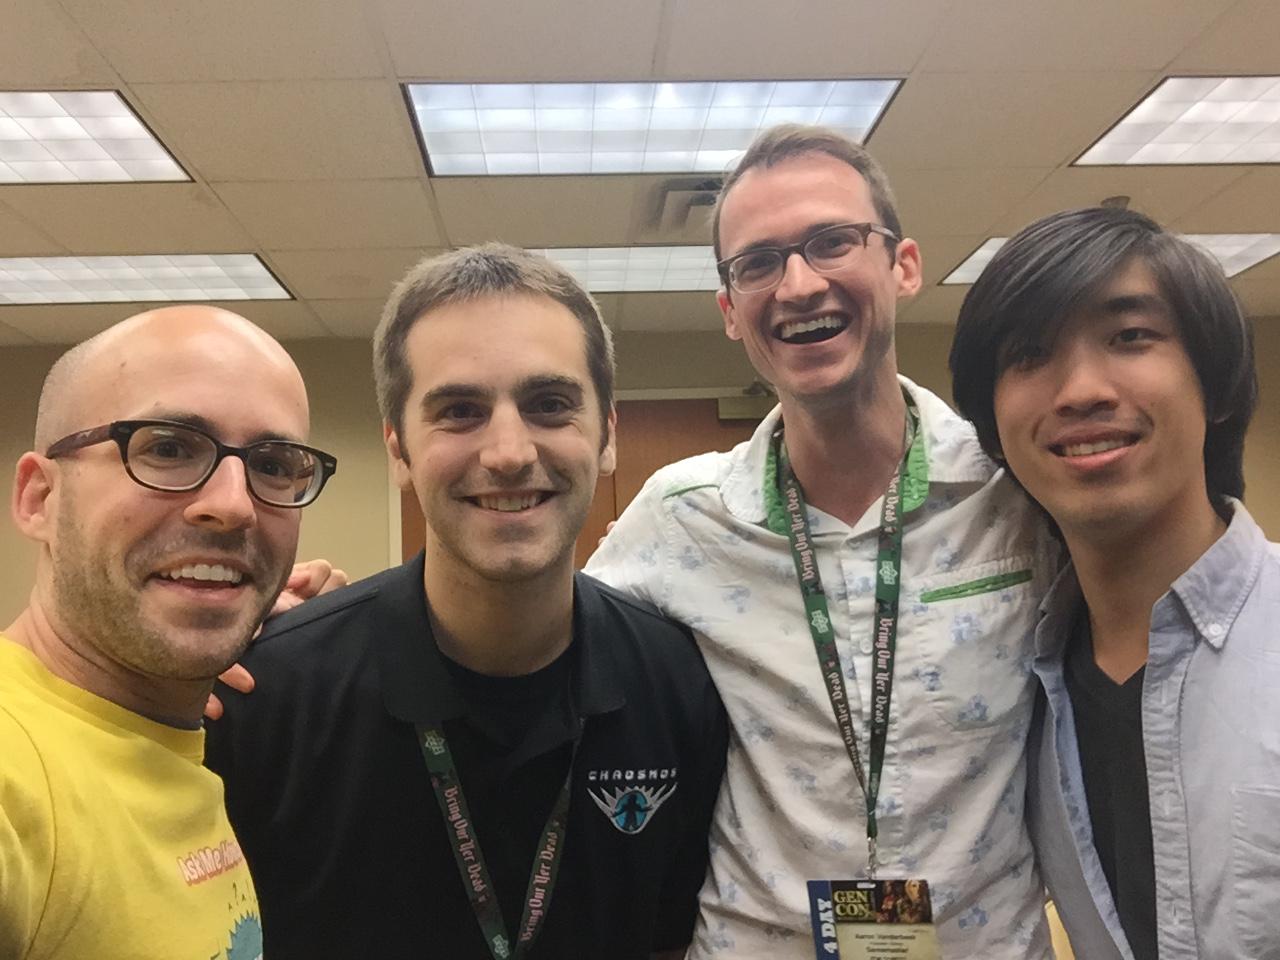 Design friends! Left to right: Andrew Federspiel (me), Matthew Austin, Aaron Vanderbeek, Kevin Chang